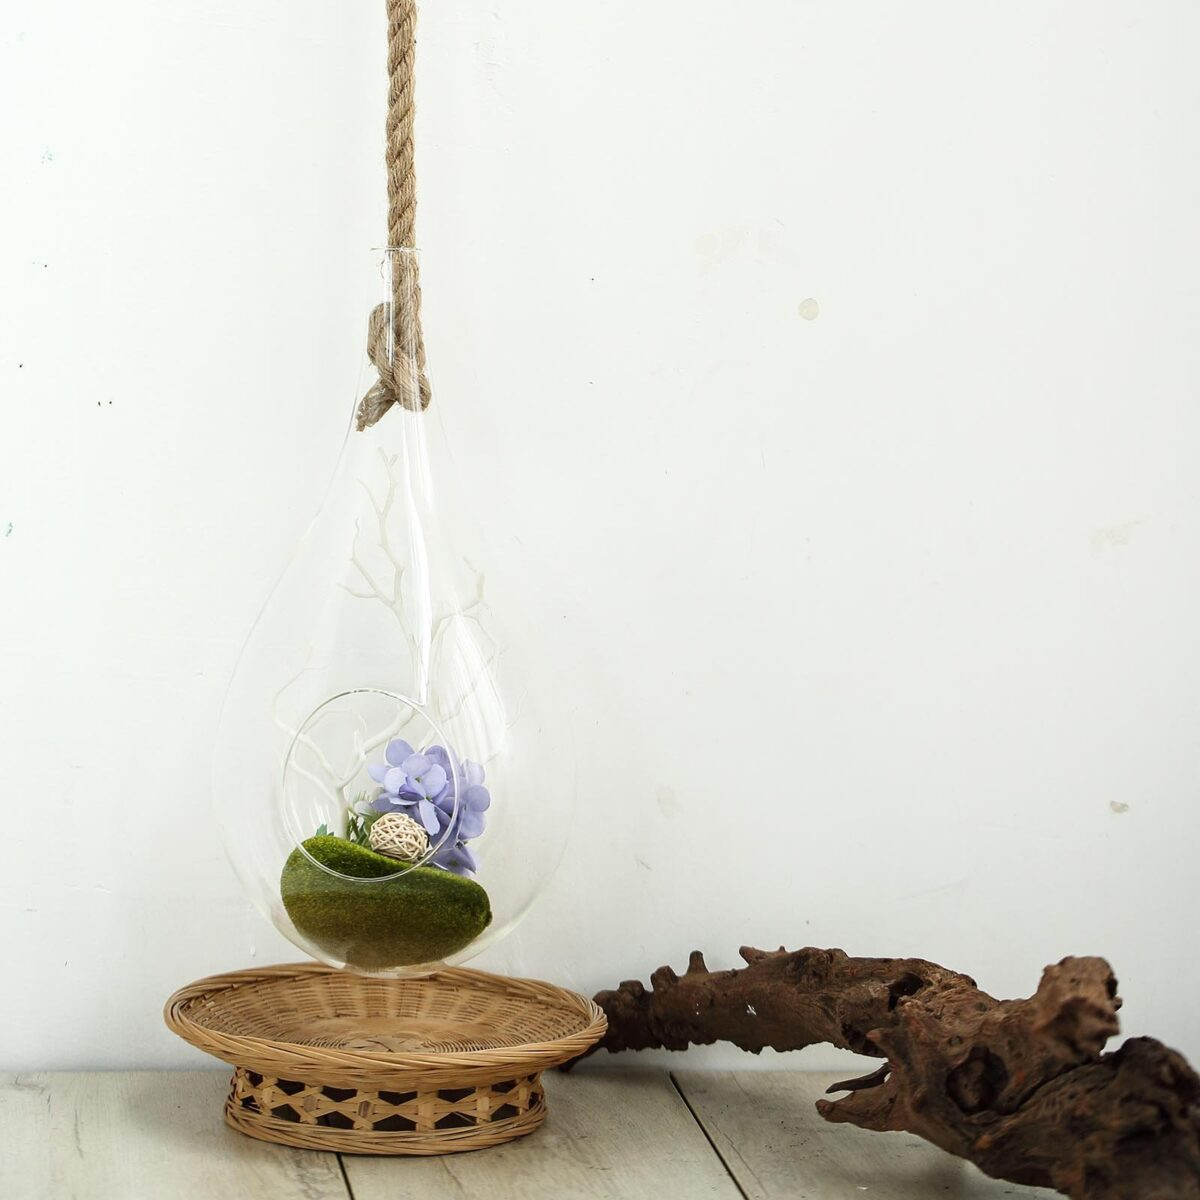 Arredare con la corda: 5 idee dal sapore estivo